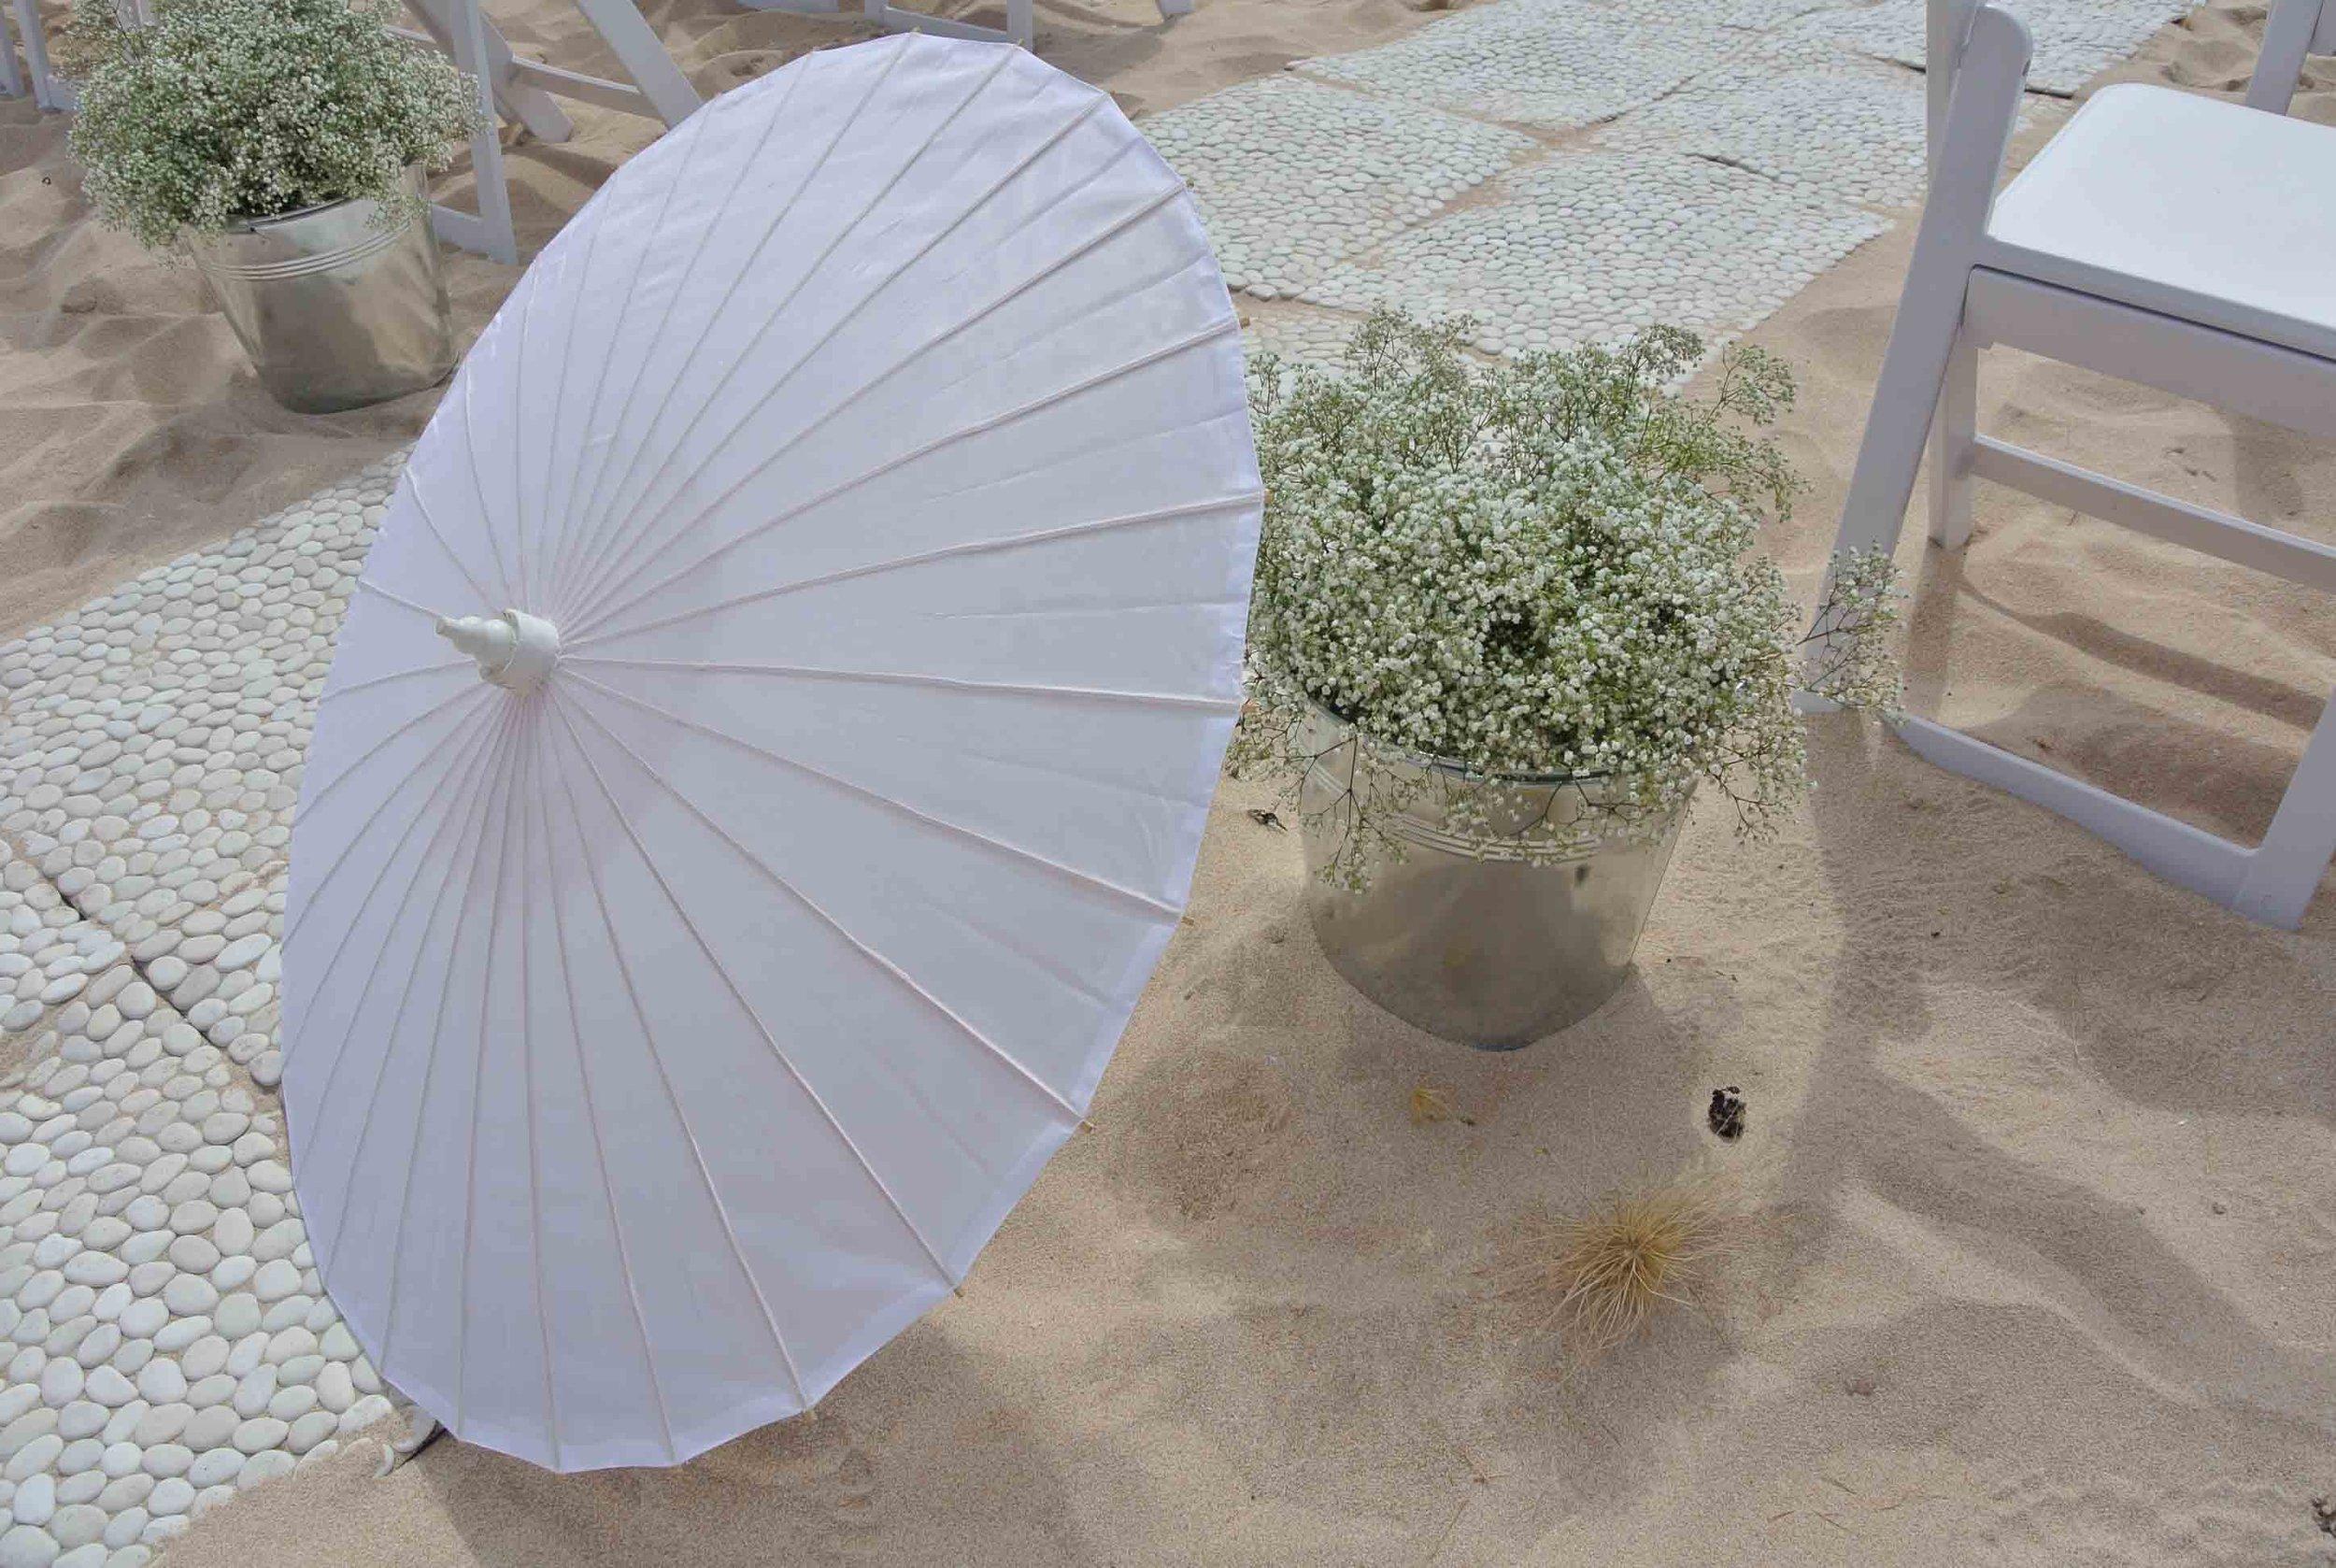 Oriental Parasols